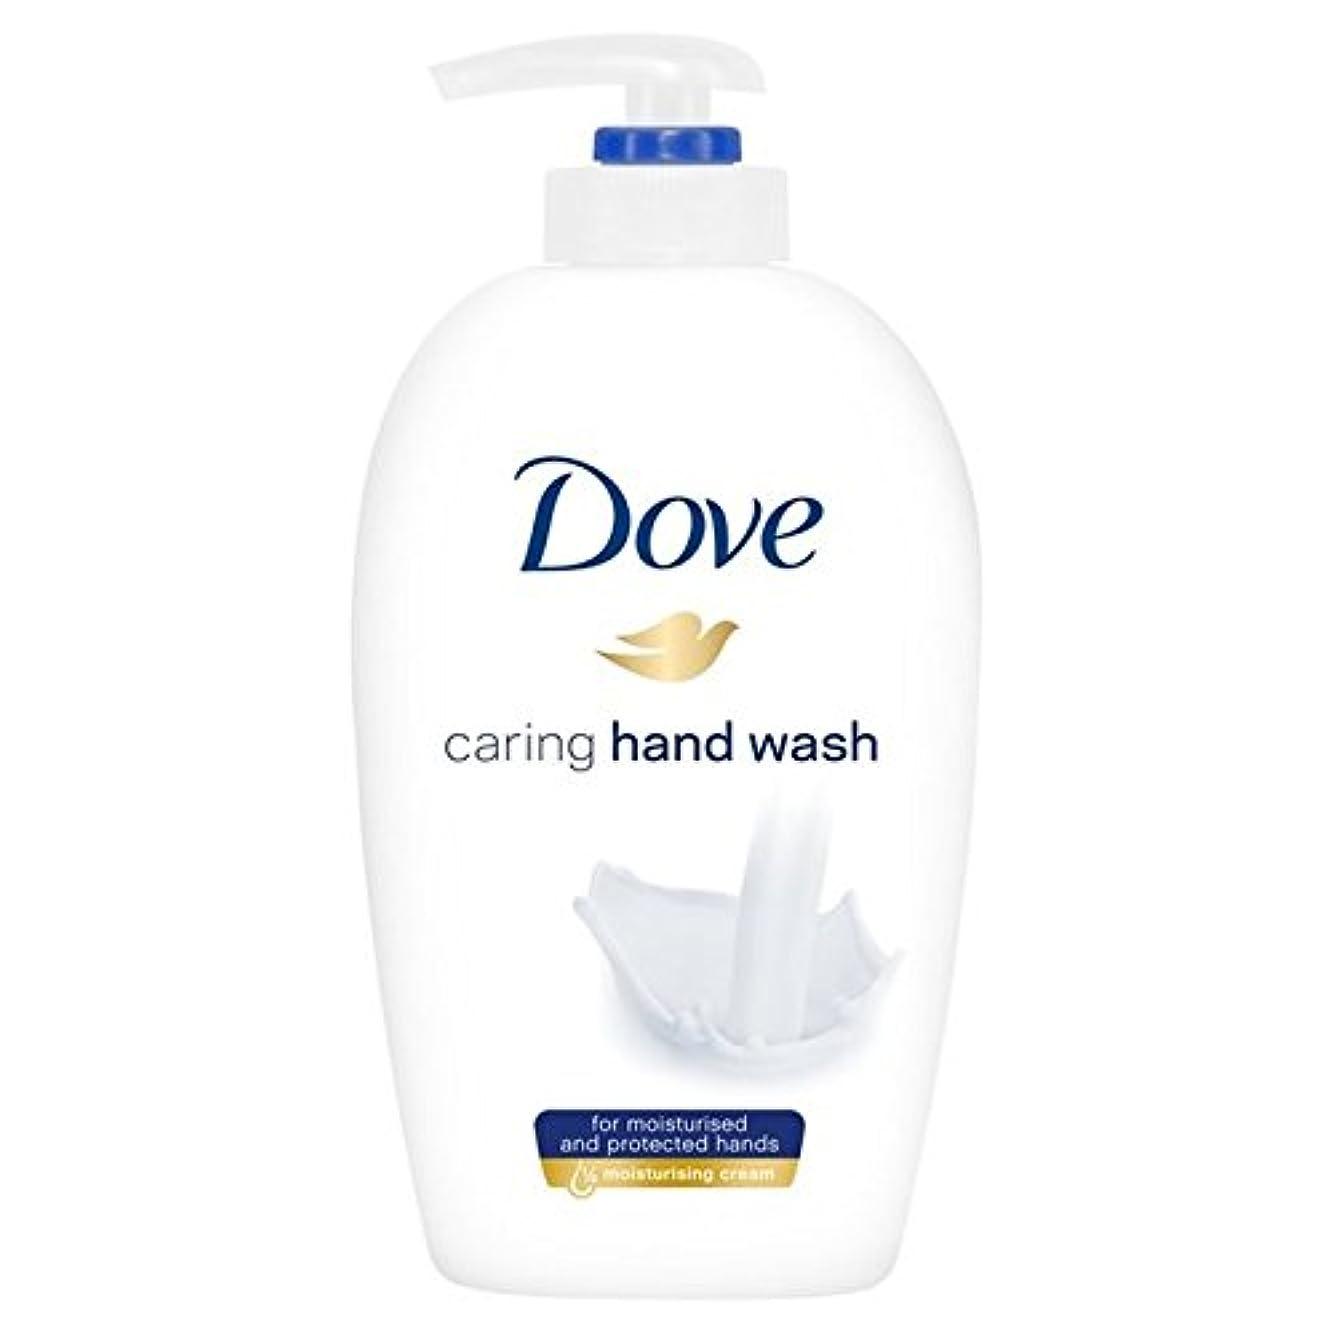 スリップシューズ薄汚い投資する鳩思いやり手洗い250ミリリットル x4 - Dove Caring Hand Wash 250ml (Pack of 4) [並行輸入品]